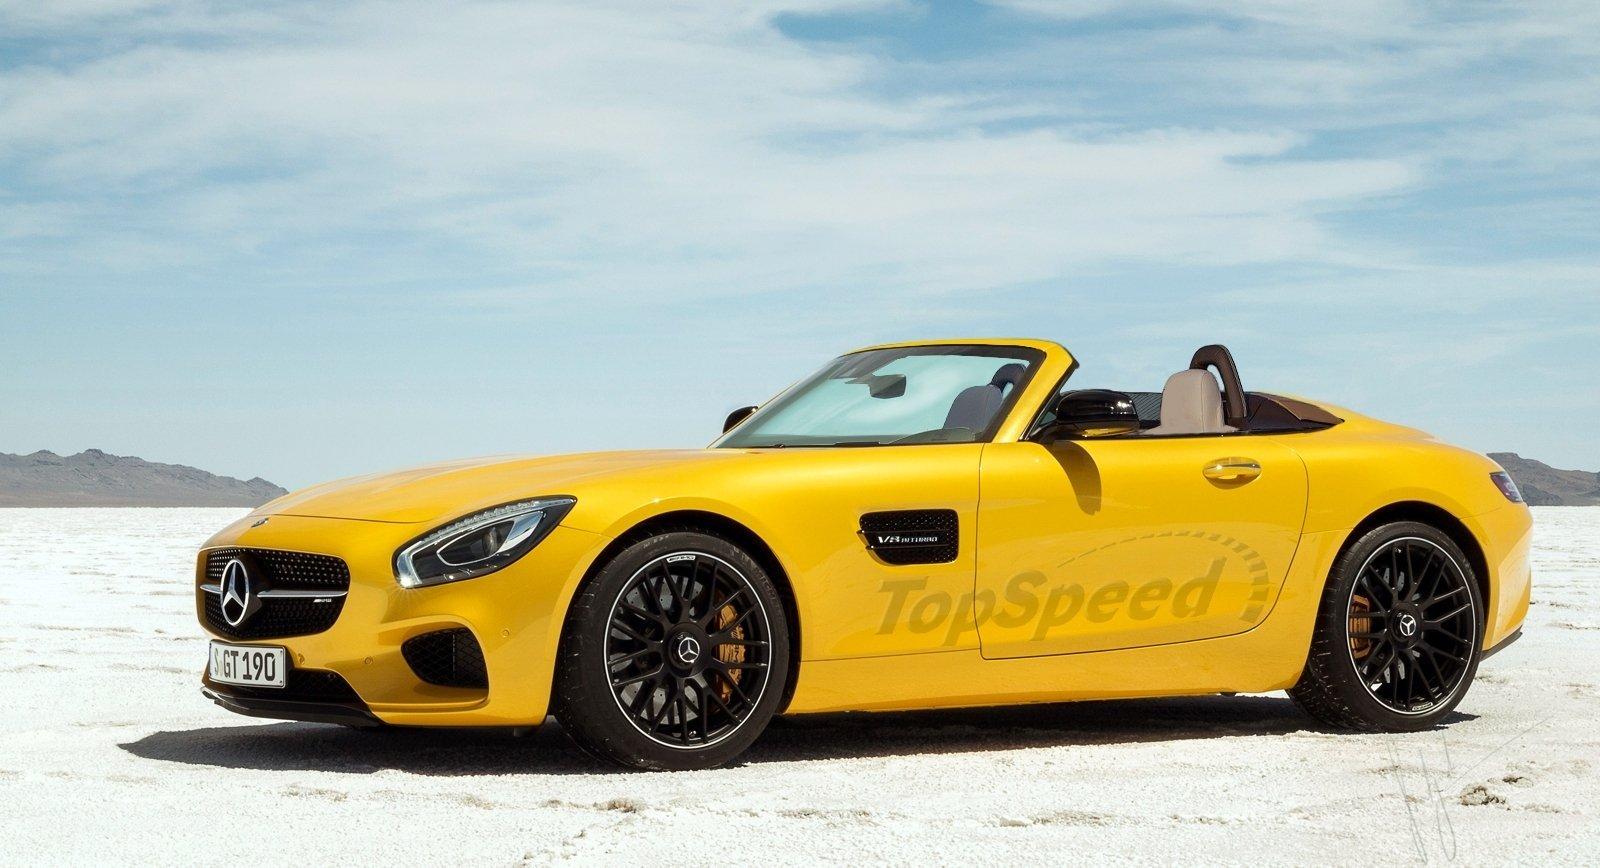 Mercedes-AMG GT sẽ có thêm phiên bản Roadster